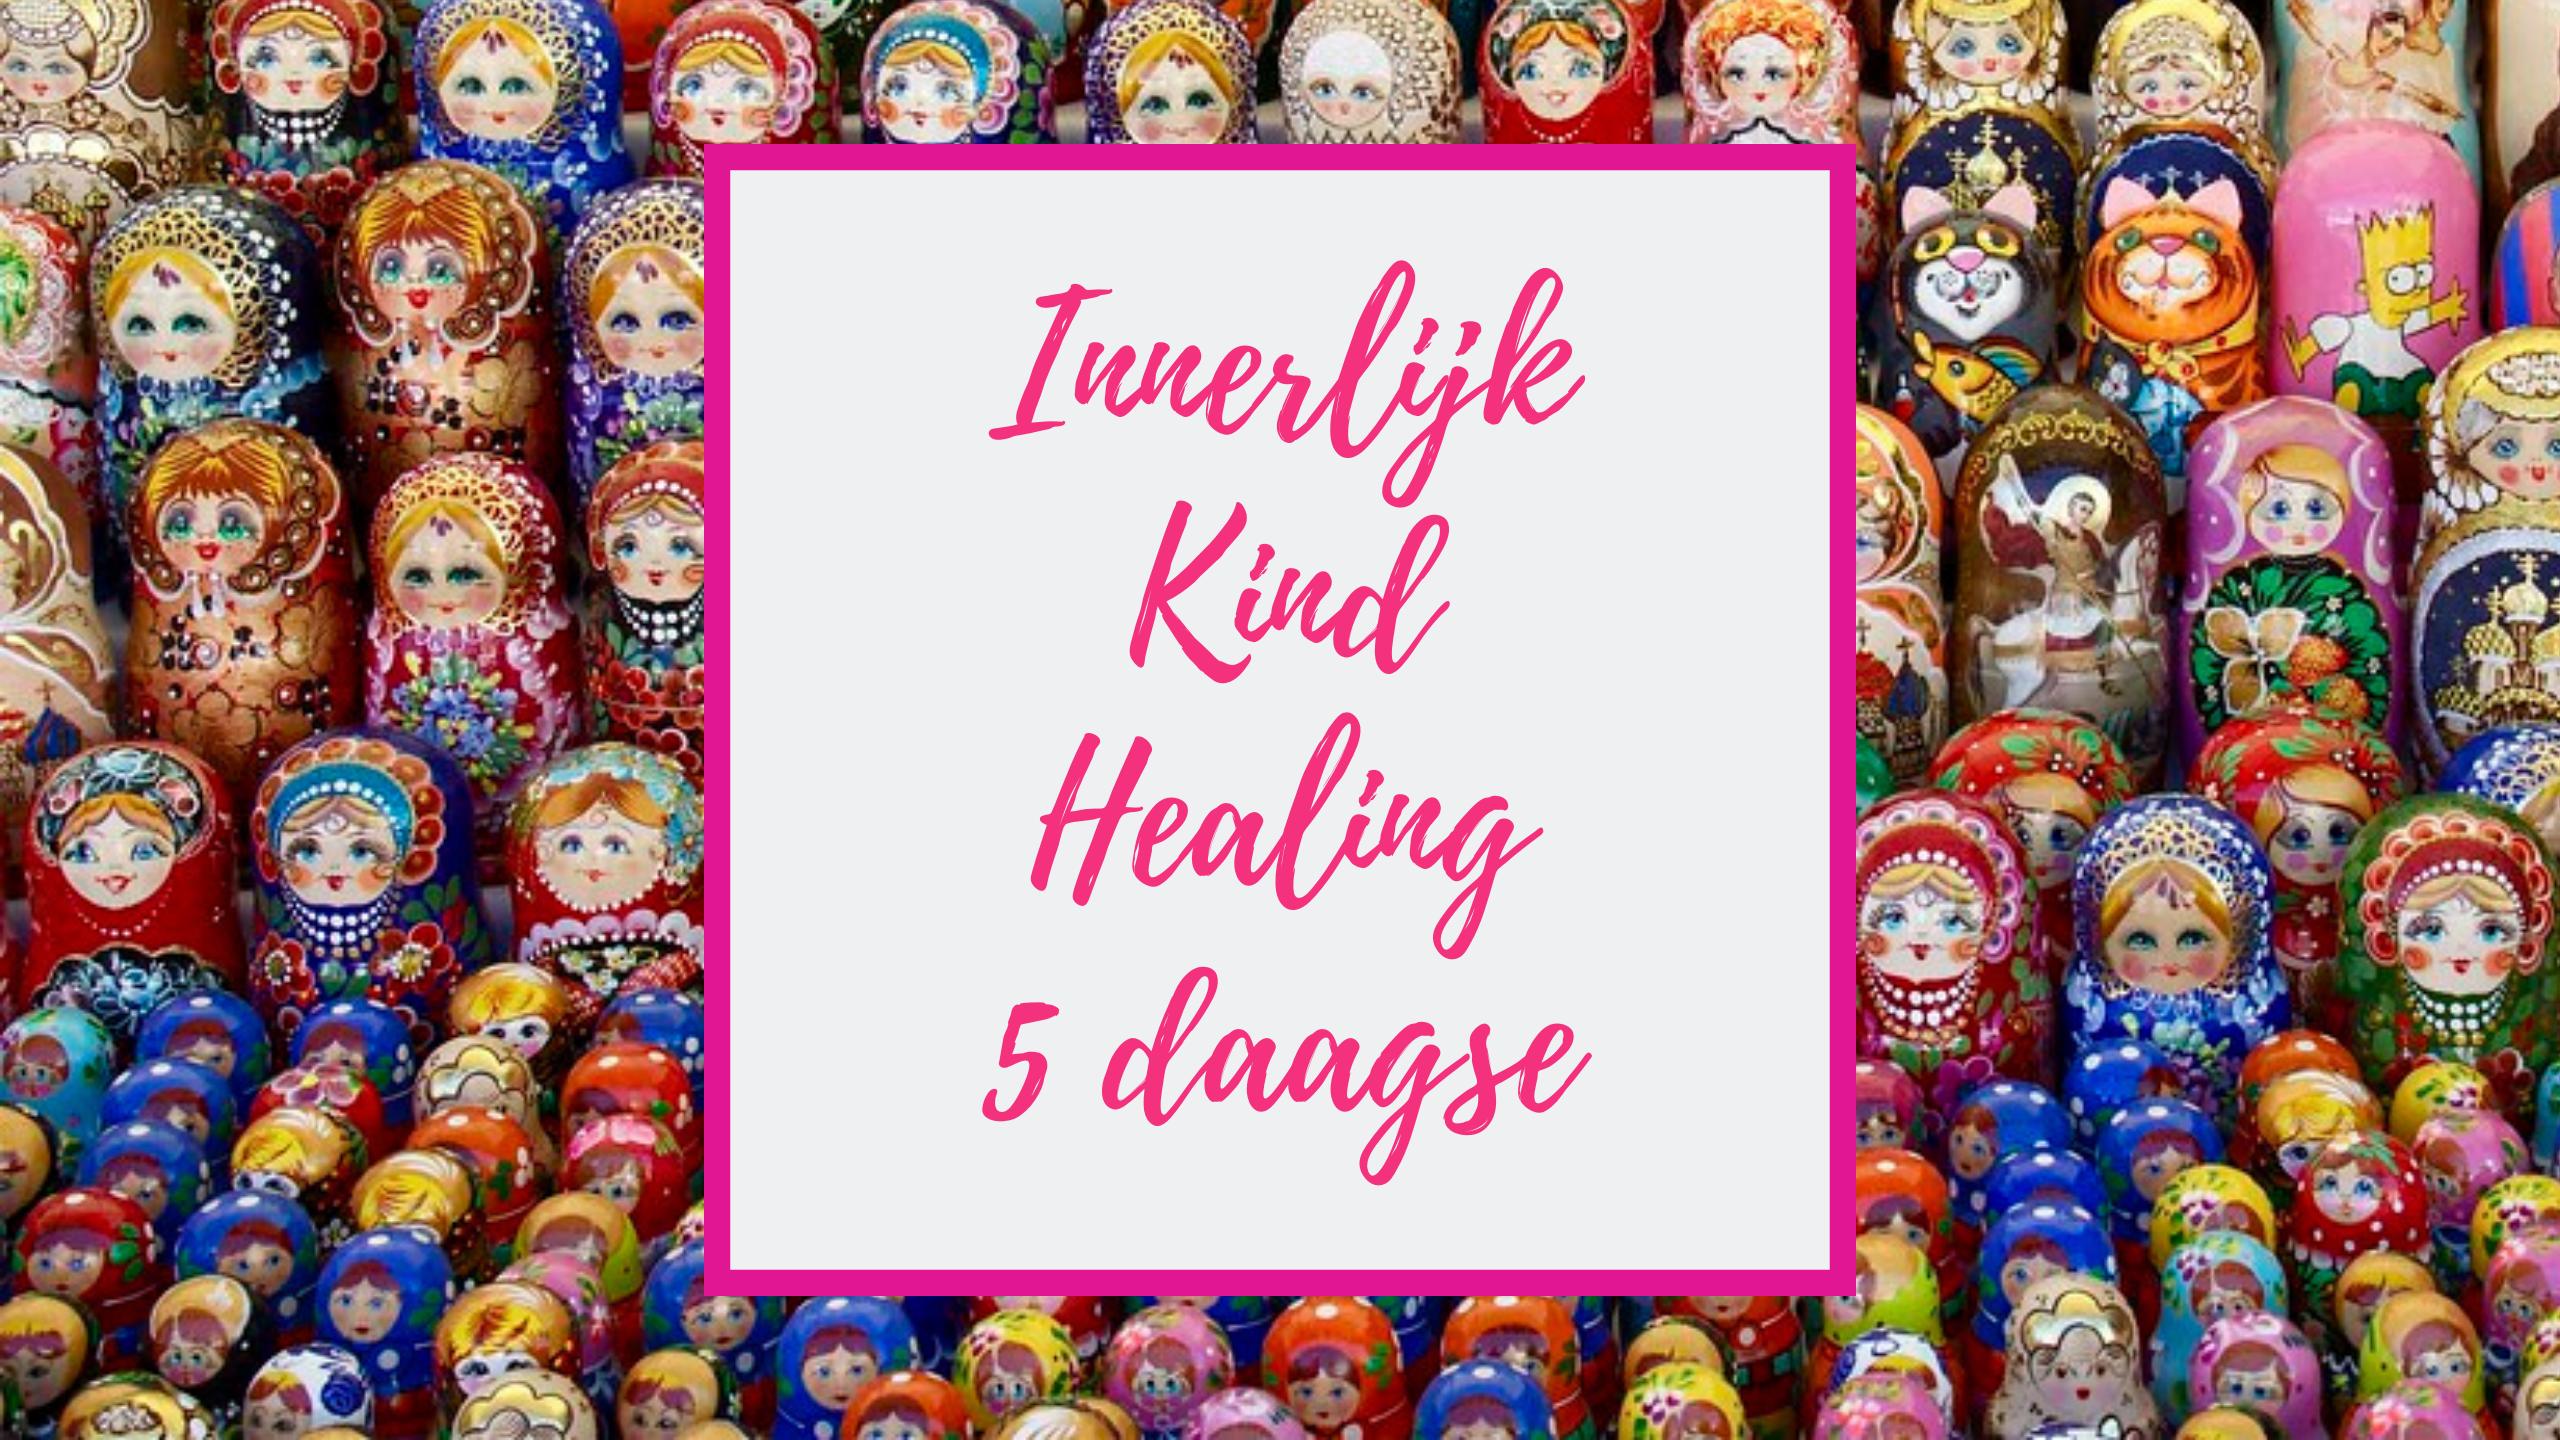 Innerlijk Kind Healing